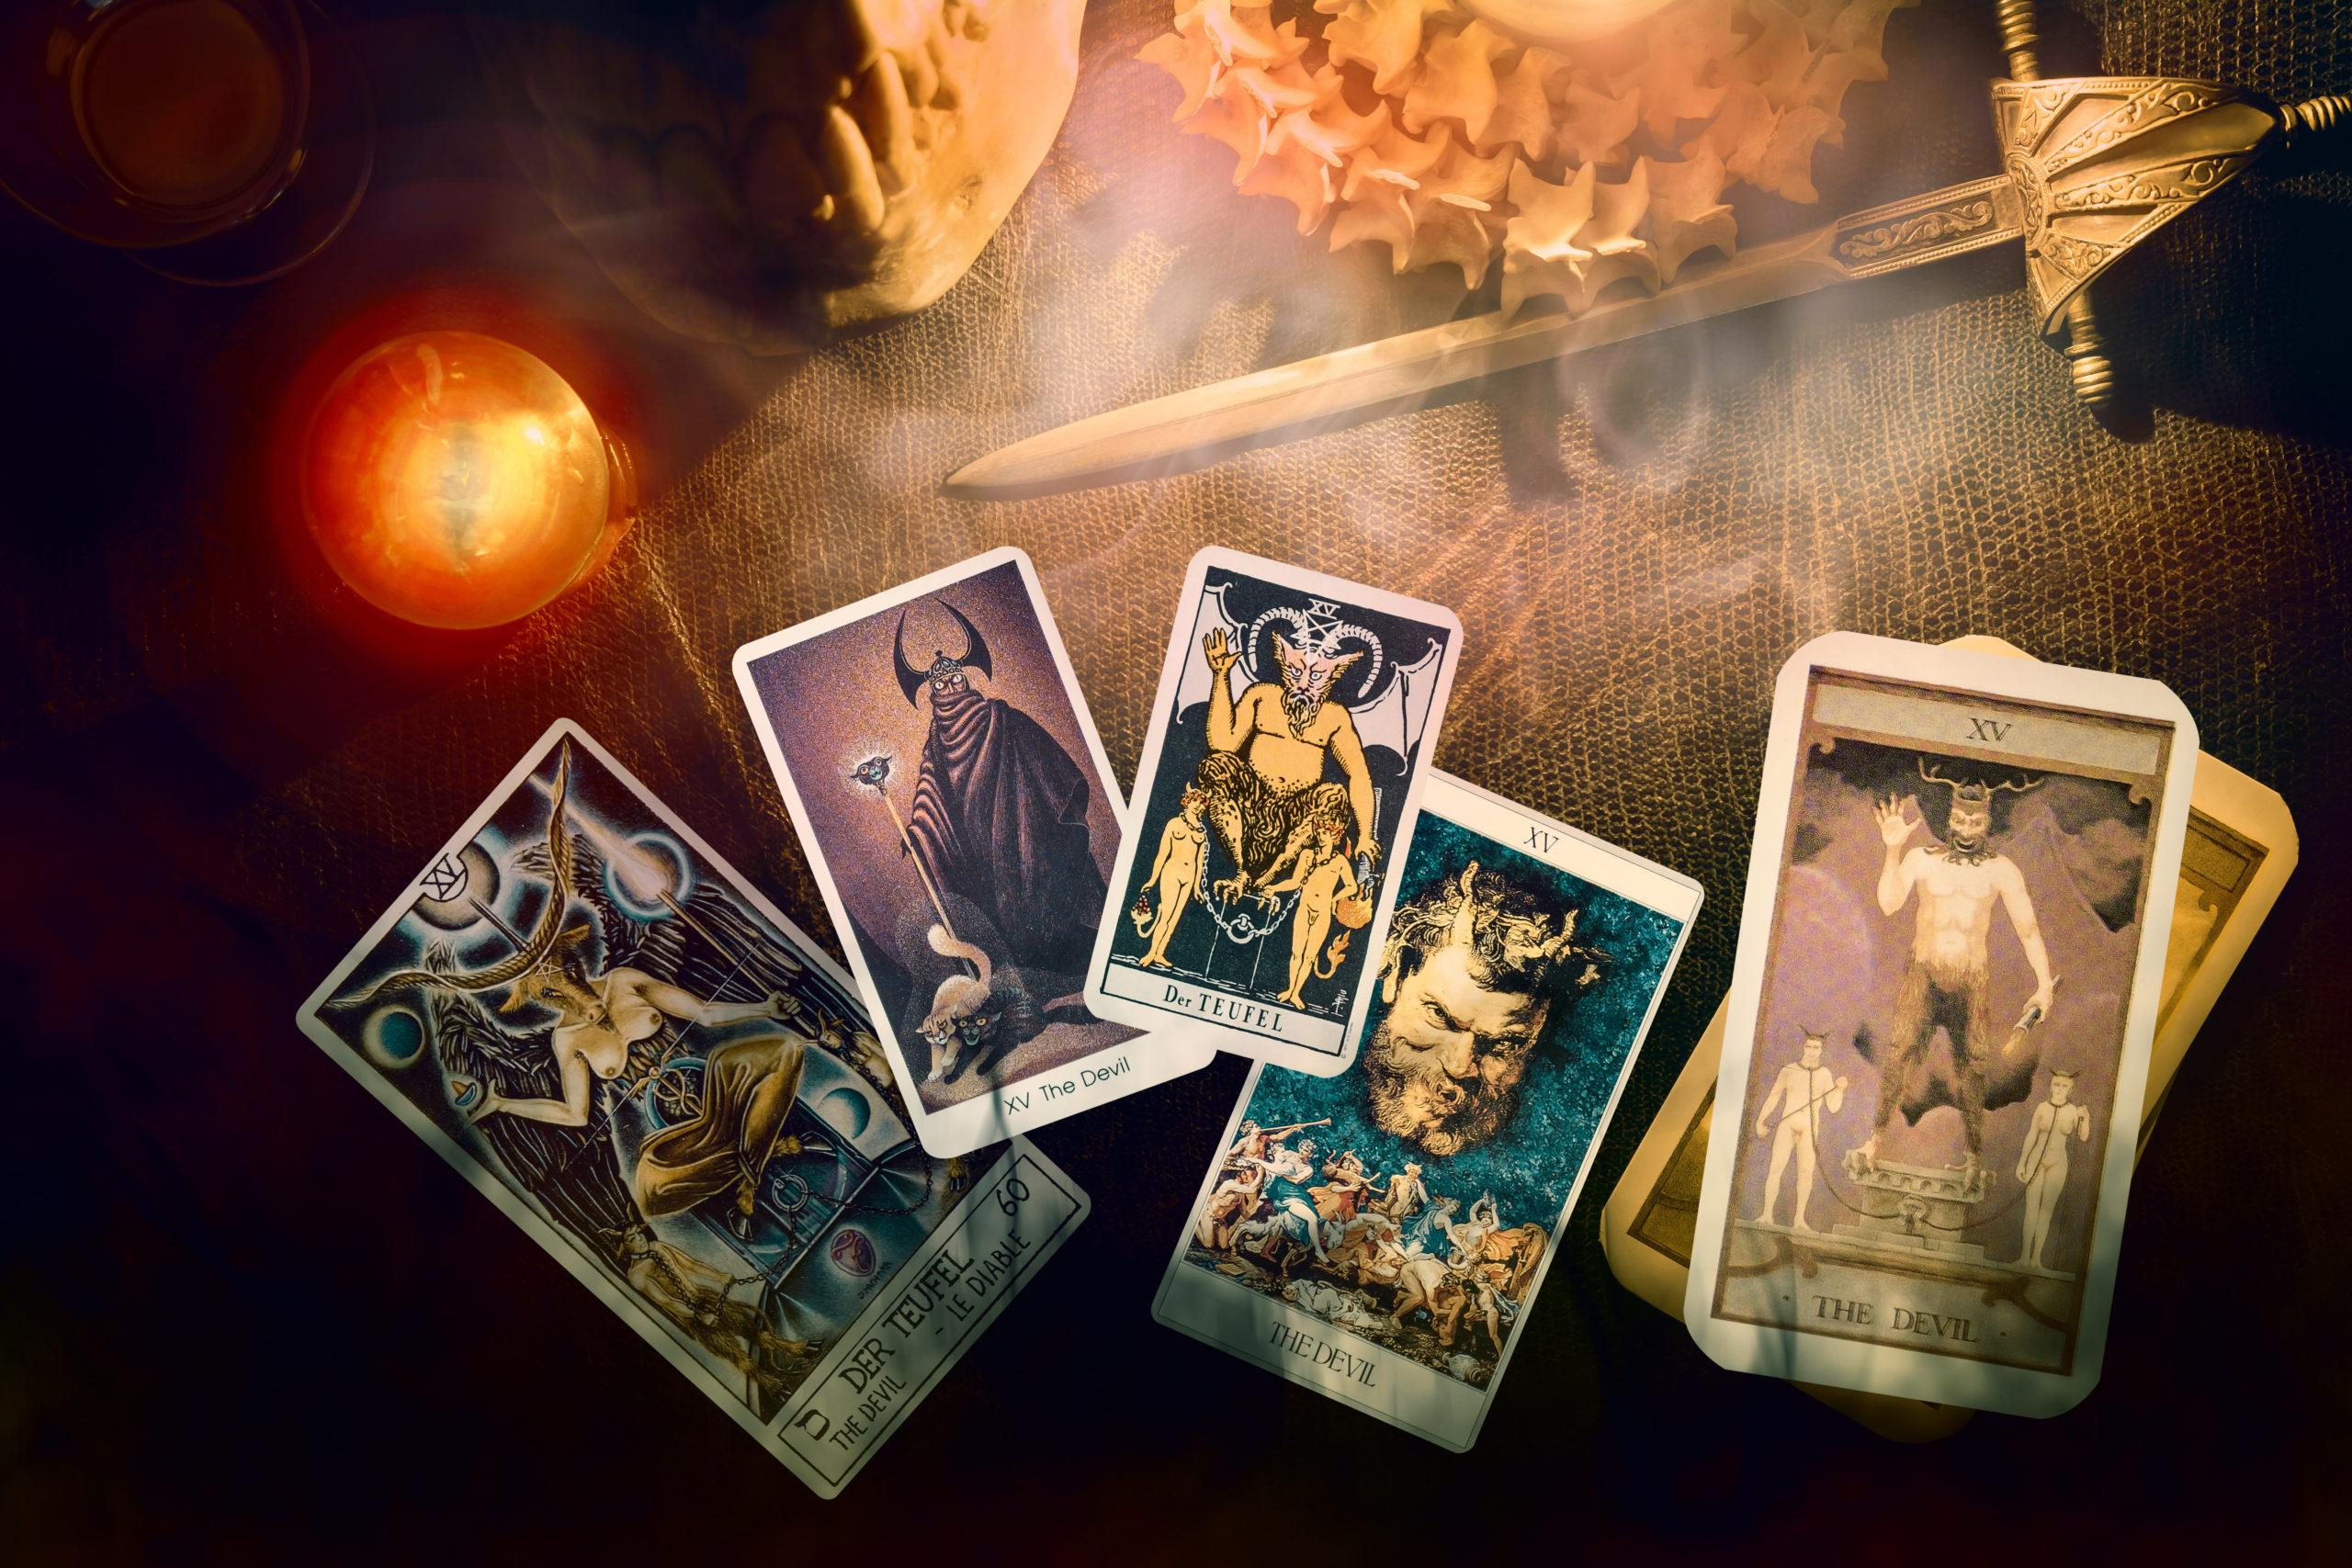 タロットカード「悪魔」の意味と解釈は?仕事、恋愛にどう影響する?